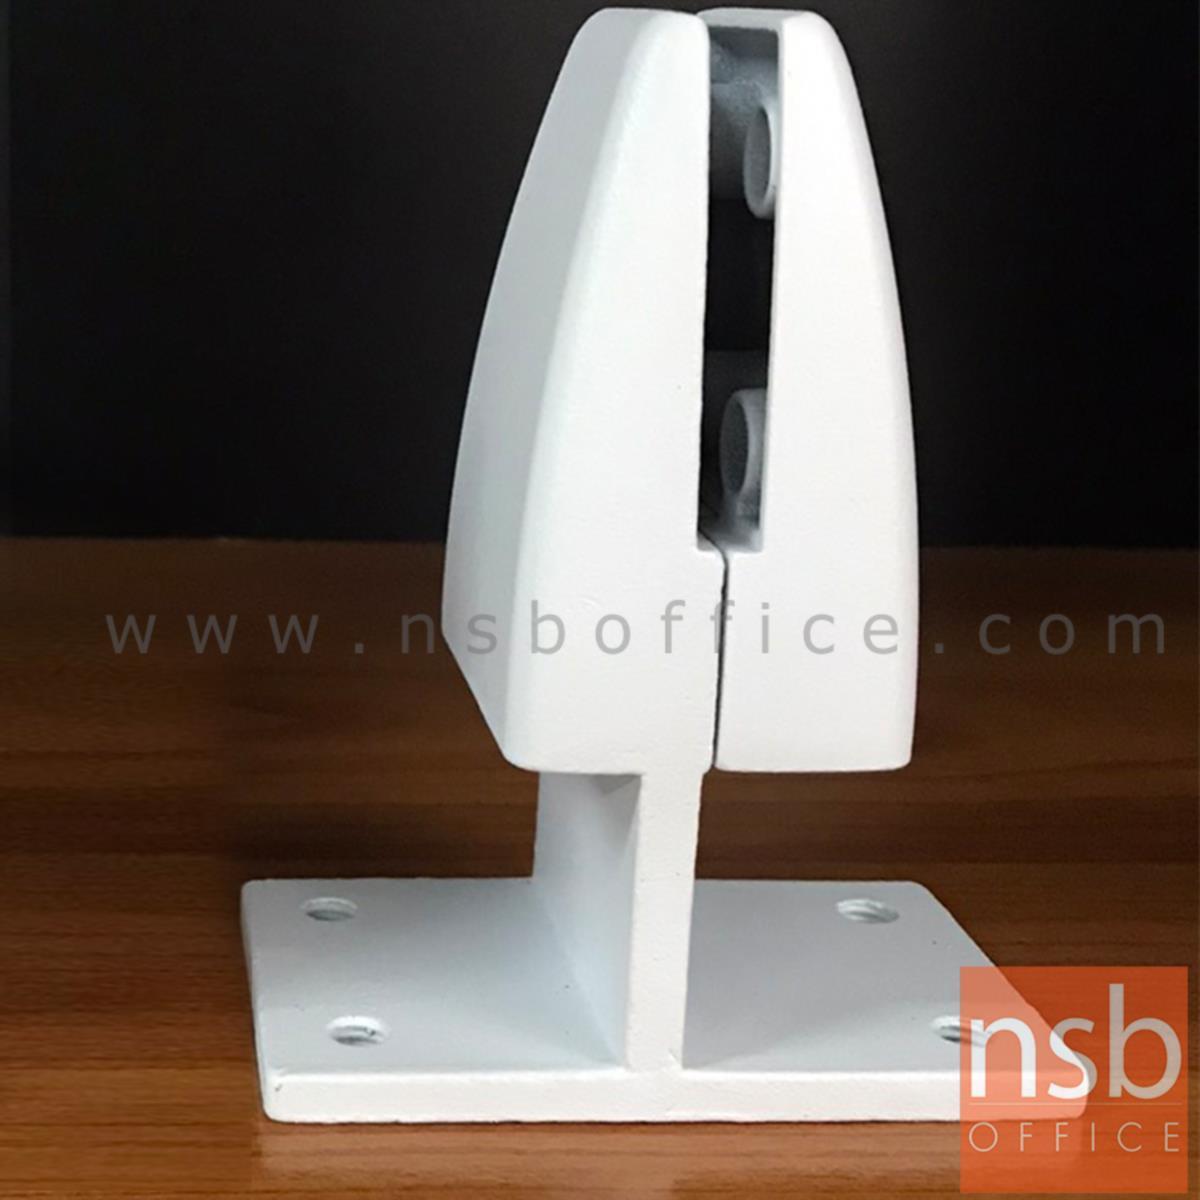 ตัวจับ miniscreen แบบหนีบโต๊ะ 2 ด้าน รุ่น BENZ  สีขาว (ใช้หนีบกึ่งกลางไม้ 2 แผ่น)